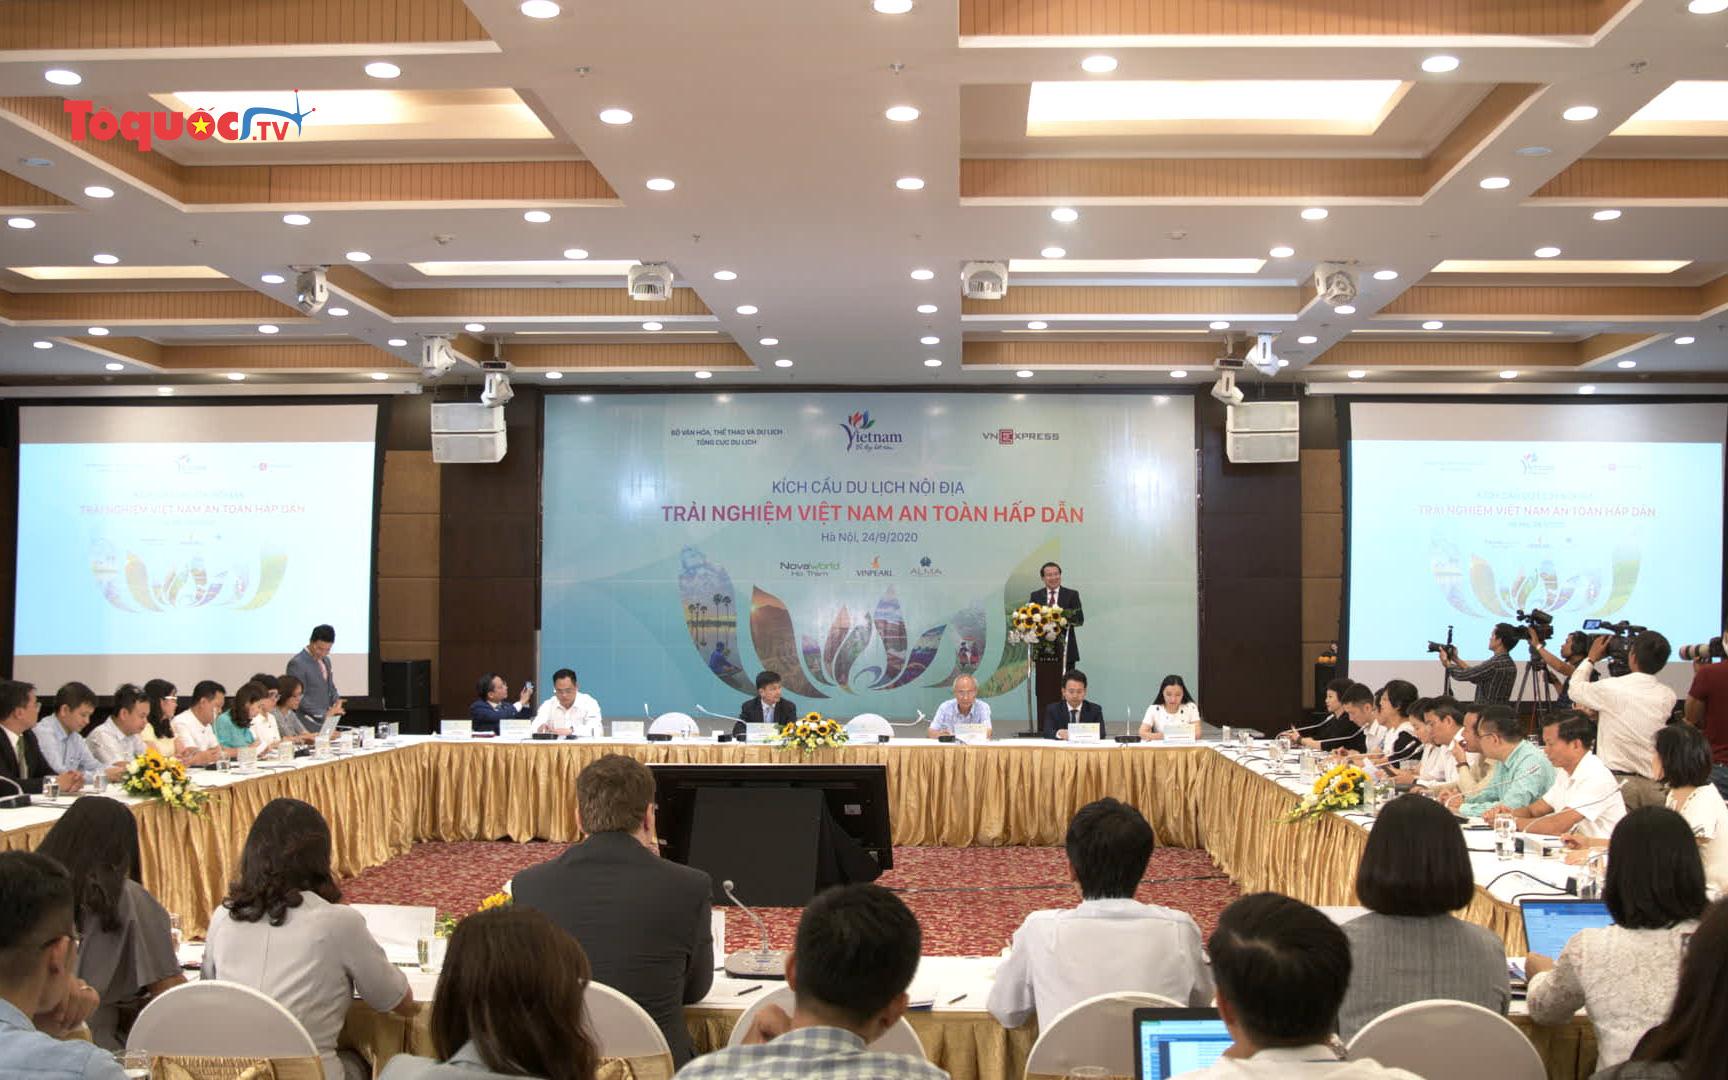 Kích cầu du lịch nội địa - trải nghiệm Việt Nam an toàn hấp dẫn